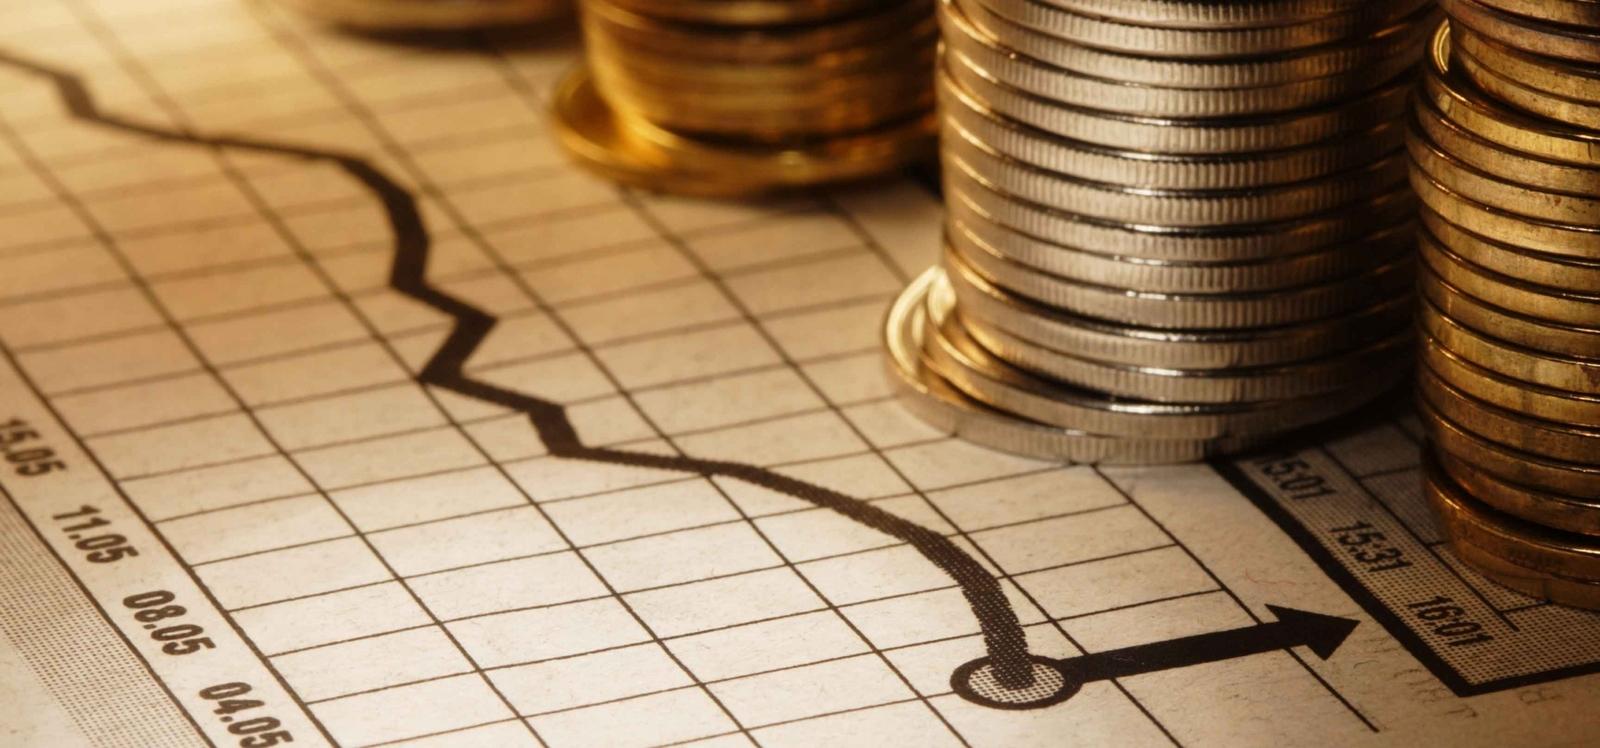 Бюджет Якутска уточнят из-за погашения кредиторской задолженности перед дорожниками за 2017-2018 годы